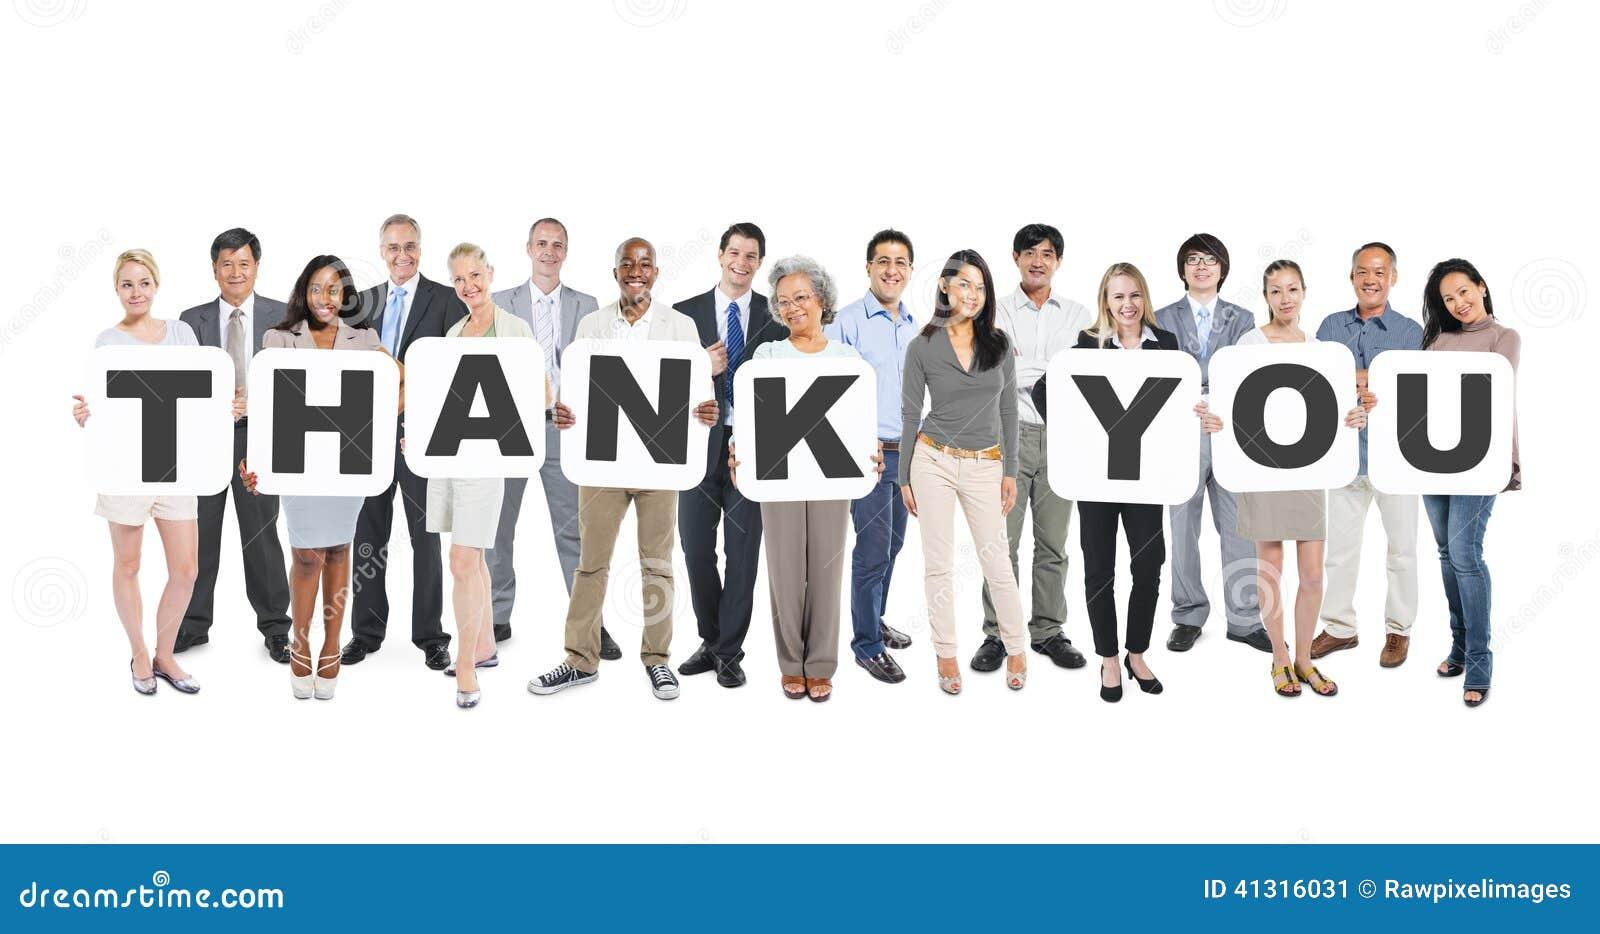 Die multiethnische Gruppe von Personen, die Buchstaben hält, danken Ihnen